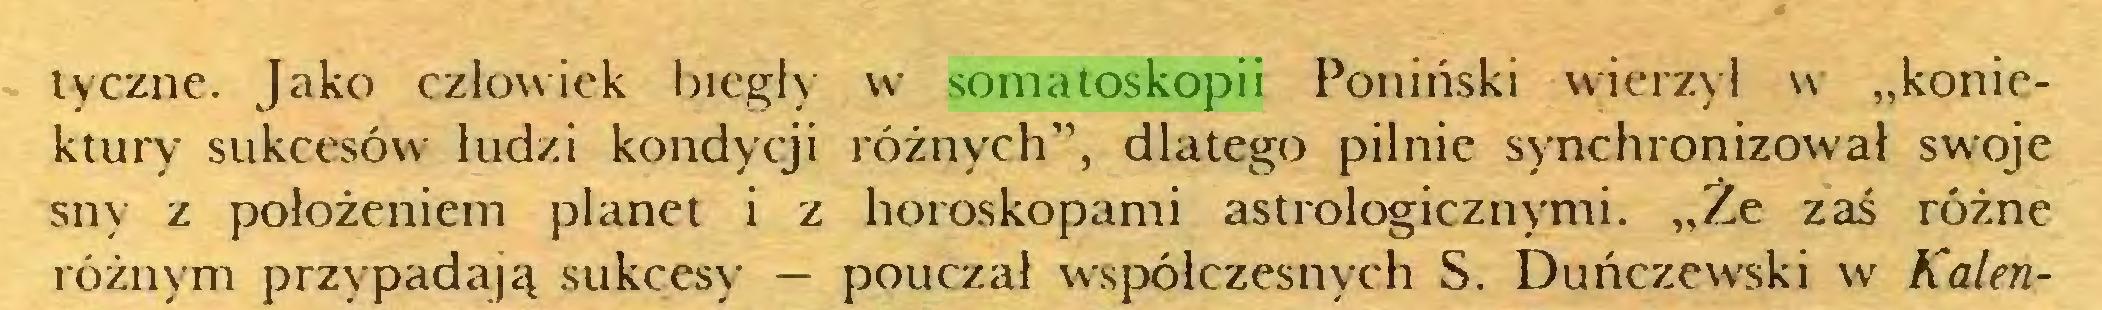 """(...) tyczne. Jako człowiek biegły w somatoskopii Poniński wierzył w """"koniektury sukcesów ludzi kondycji różnych"""", dlatego pilnie synchronizował swoje sny z położeniem planet i z horoskopami astrologicznymi. """"Że zaś różne różnym przypadają sukcesy — pouczał współczesnych S. Duńczewski w Kalen..."""